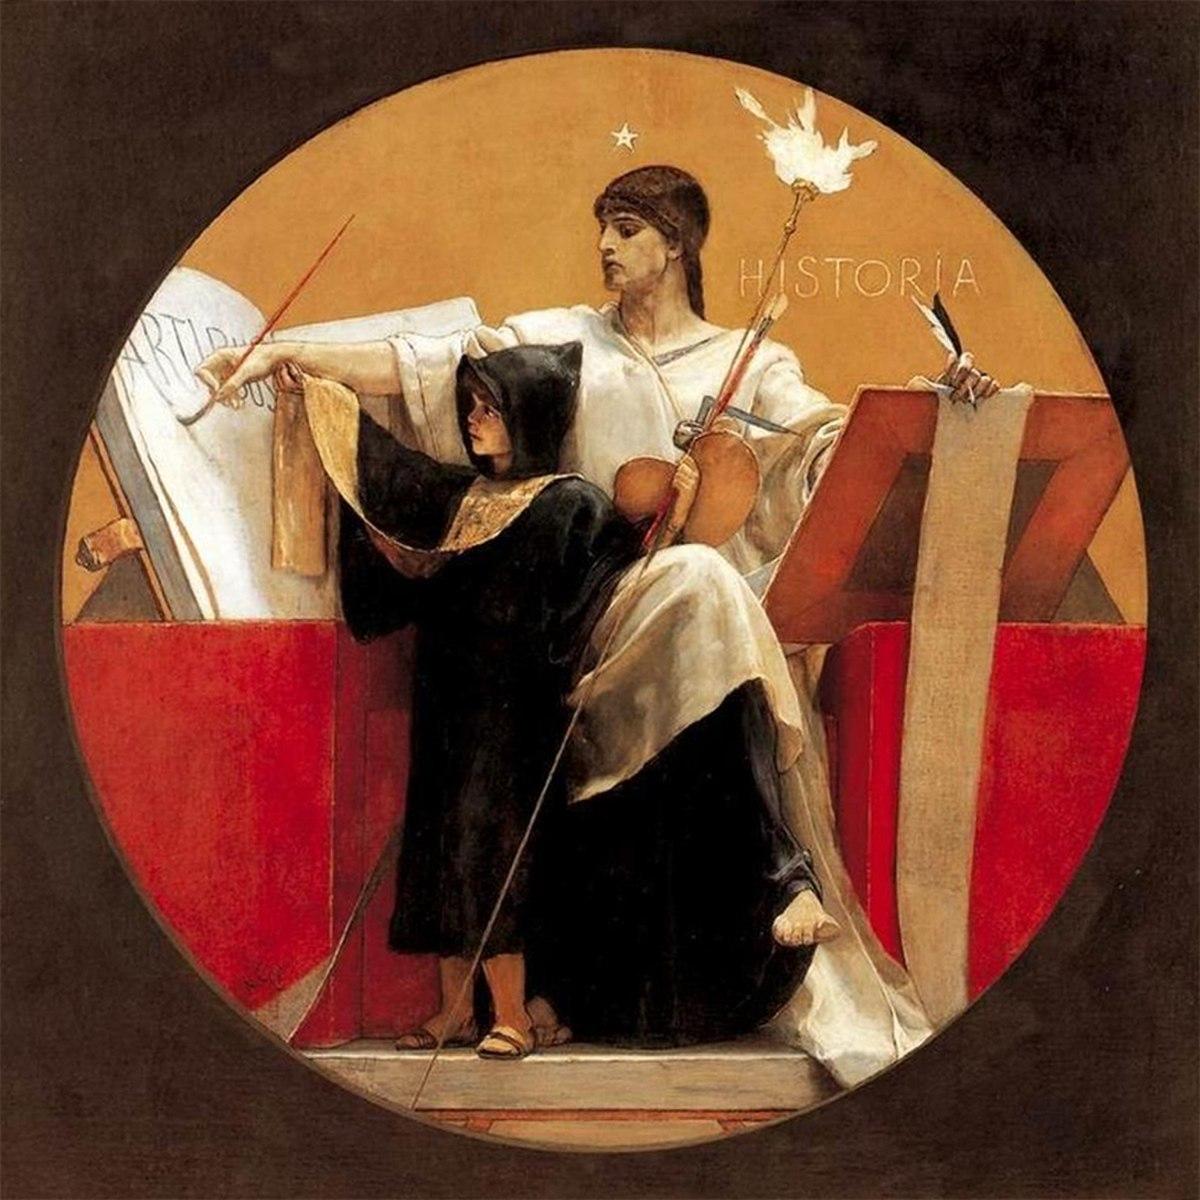 Vers 160, on adjoint au théâtre un odéon de 3 000 places, consacré à la Il sappuie en partie sur des éléments structurels datant de lAntiquité.